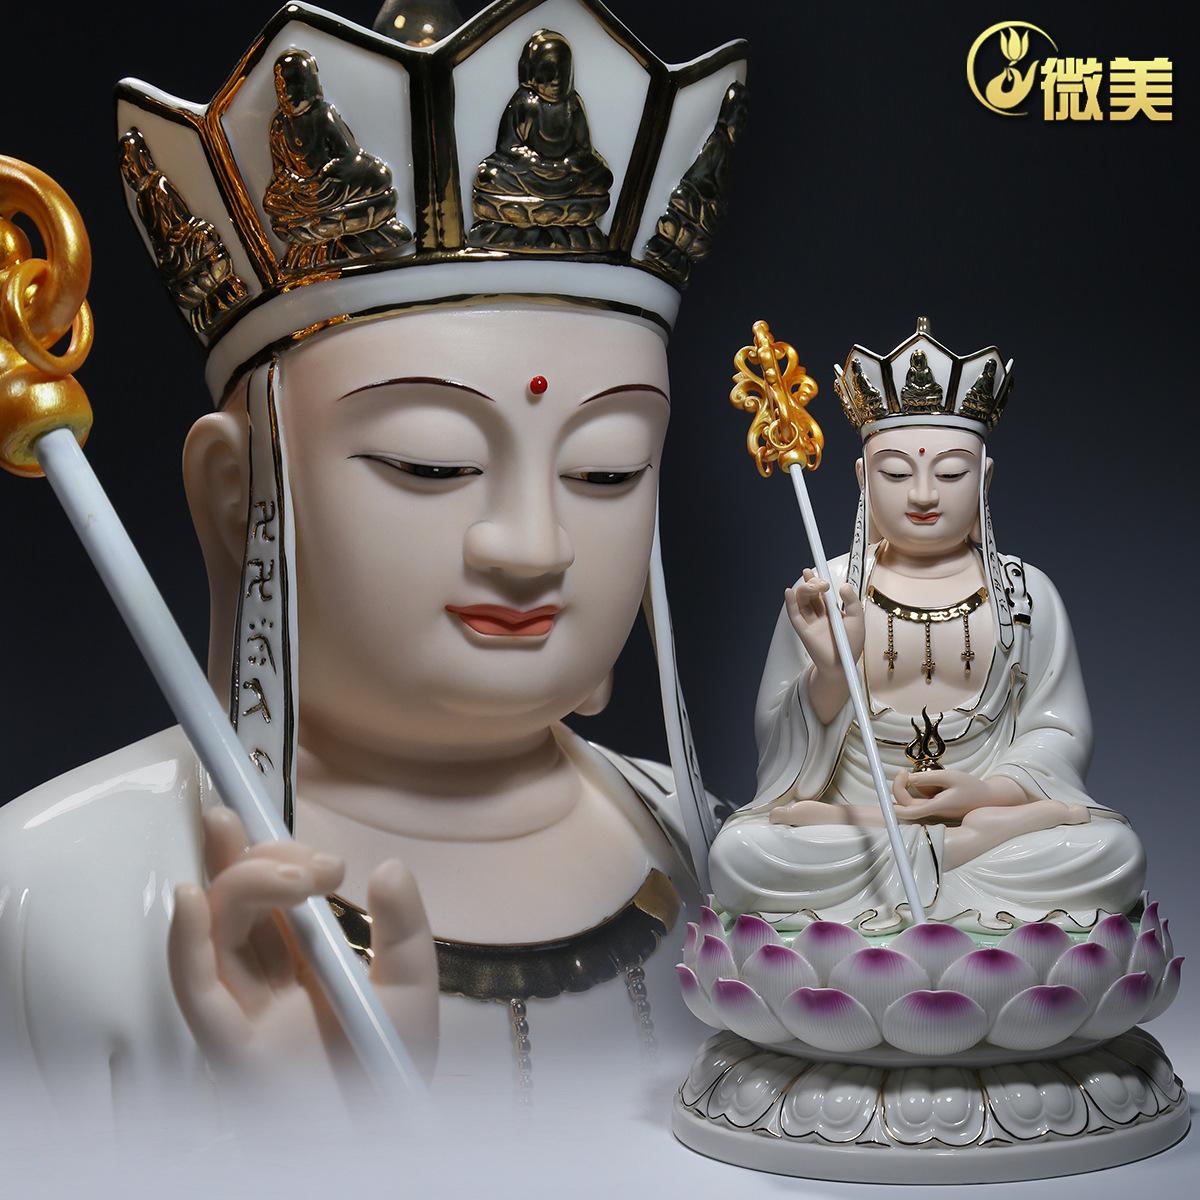 德化陶瓷10至19�嫉夭赝跗腥�佛像摆件彩绘地藏菩萨像有娑婆三圣